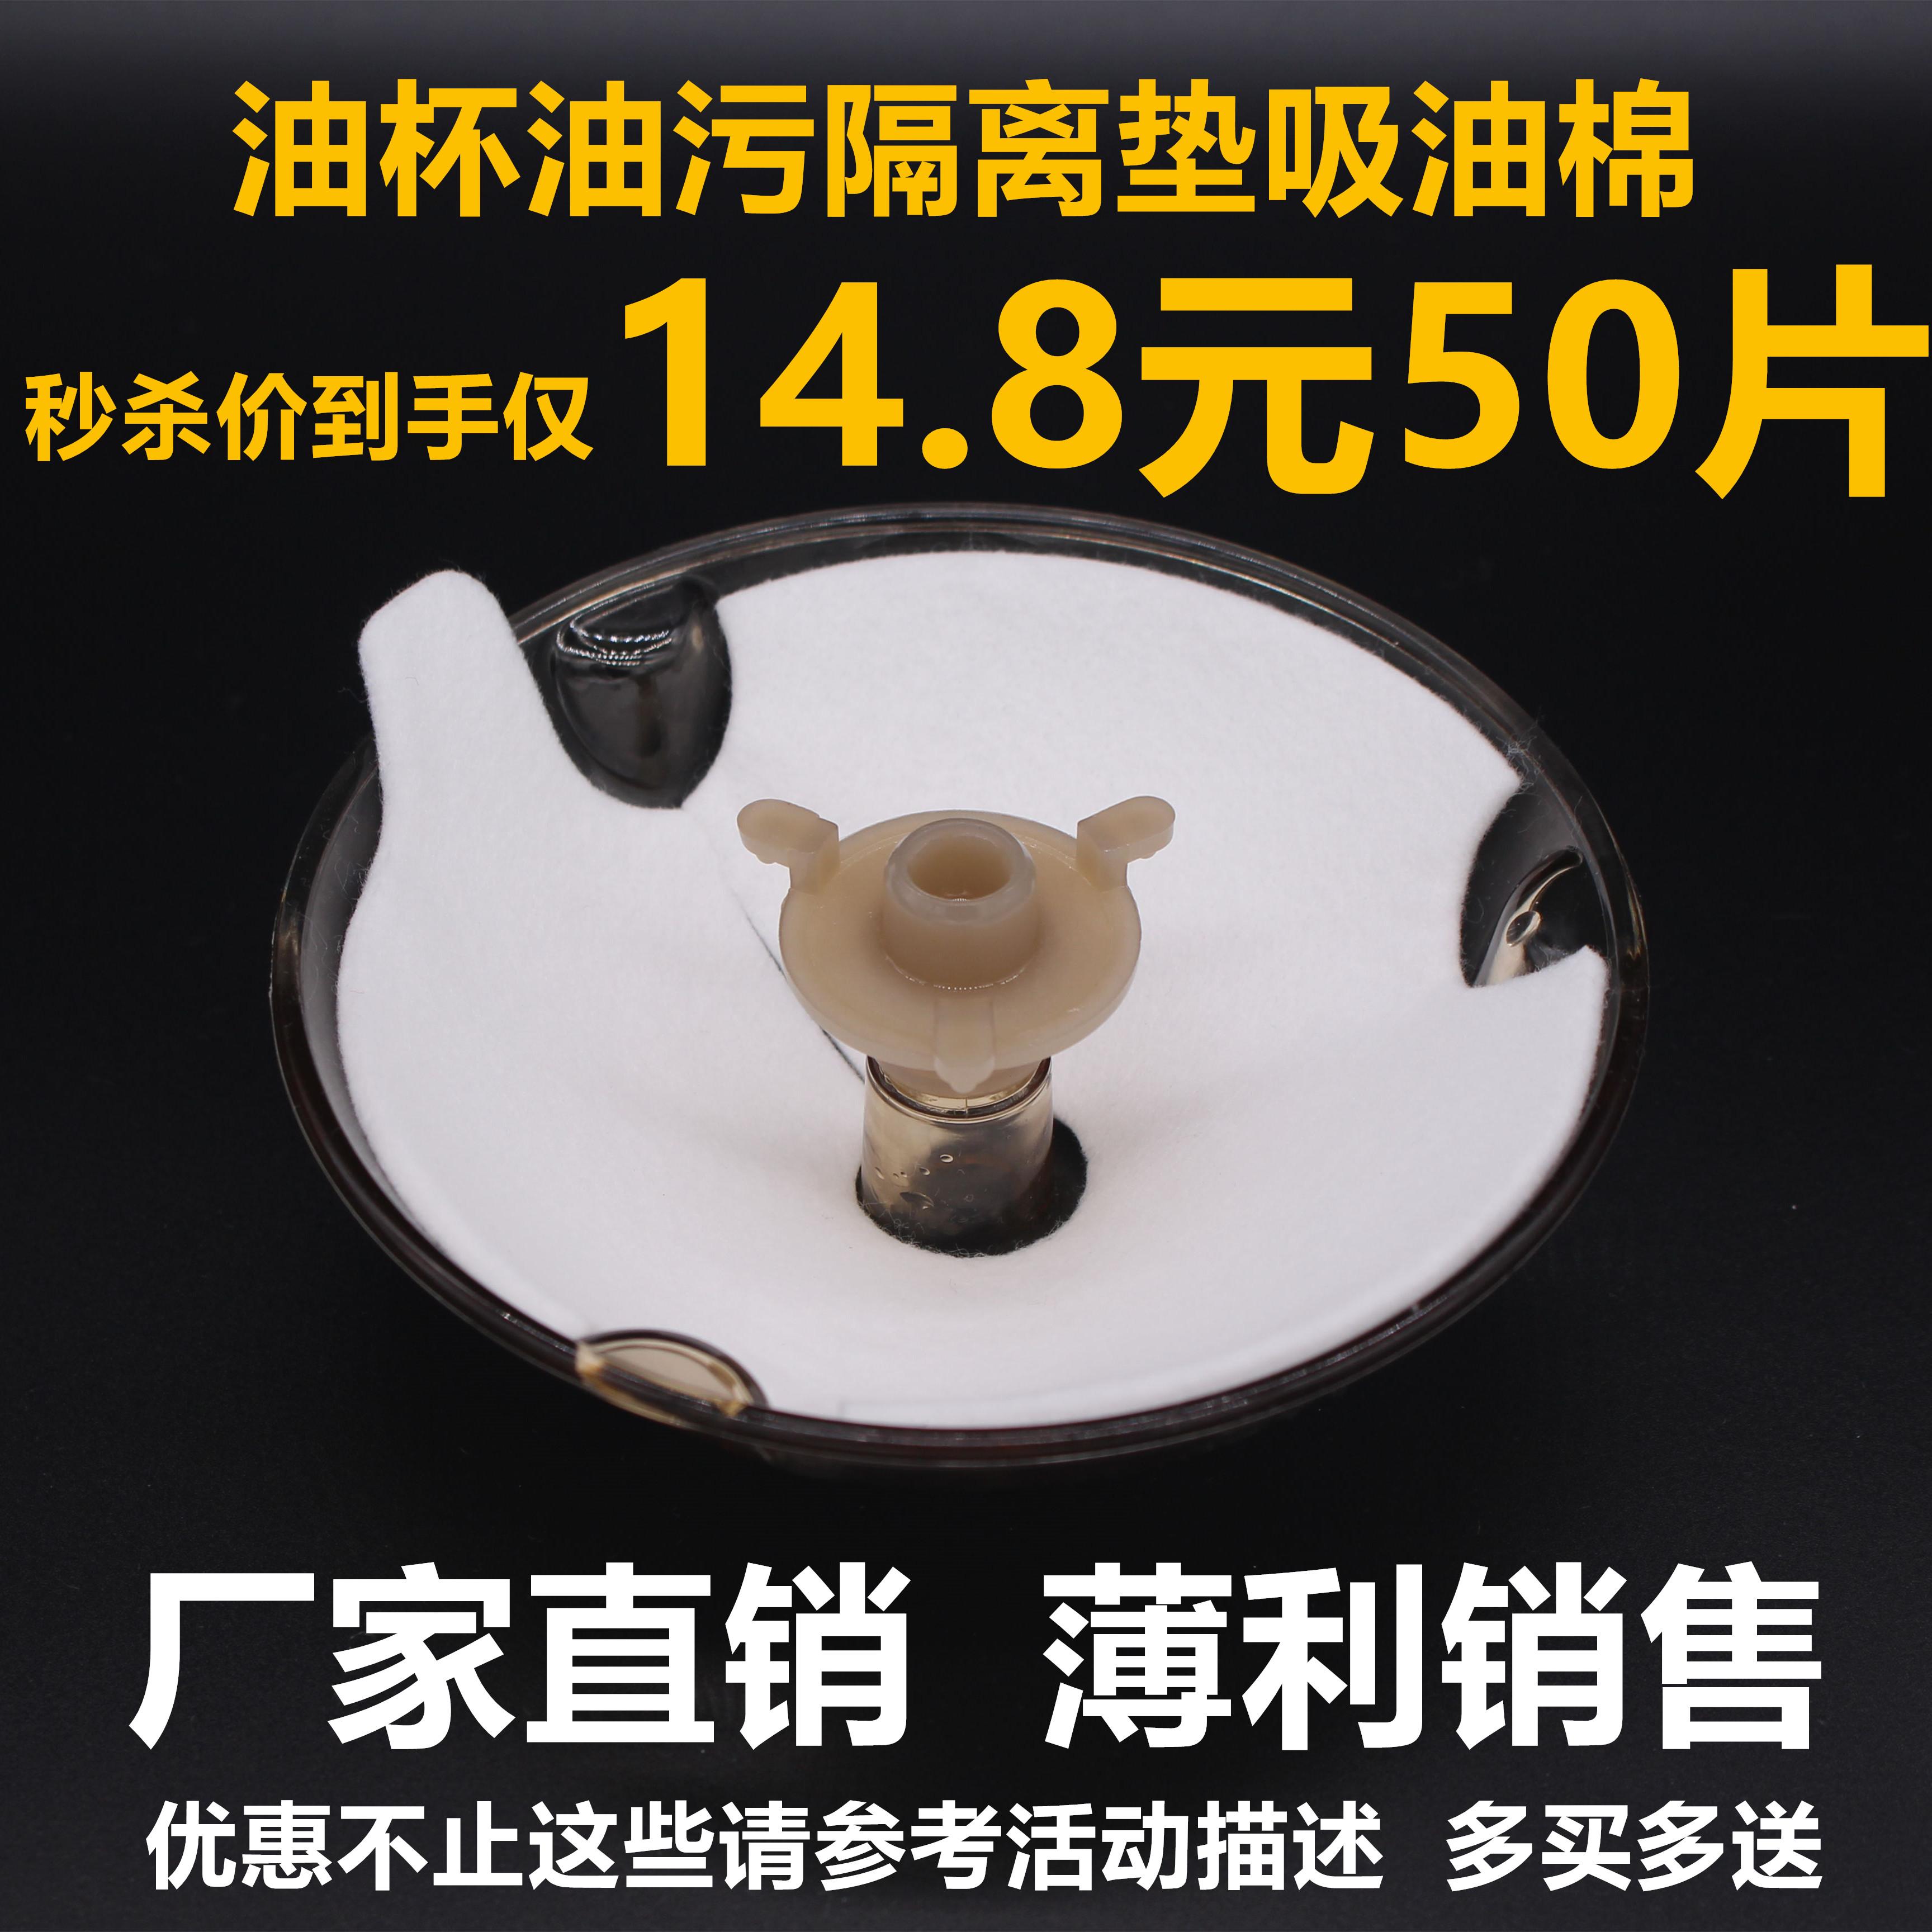 老板油烟机8109价格